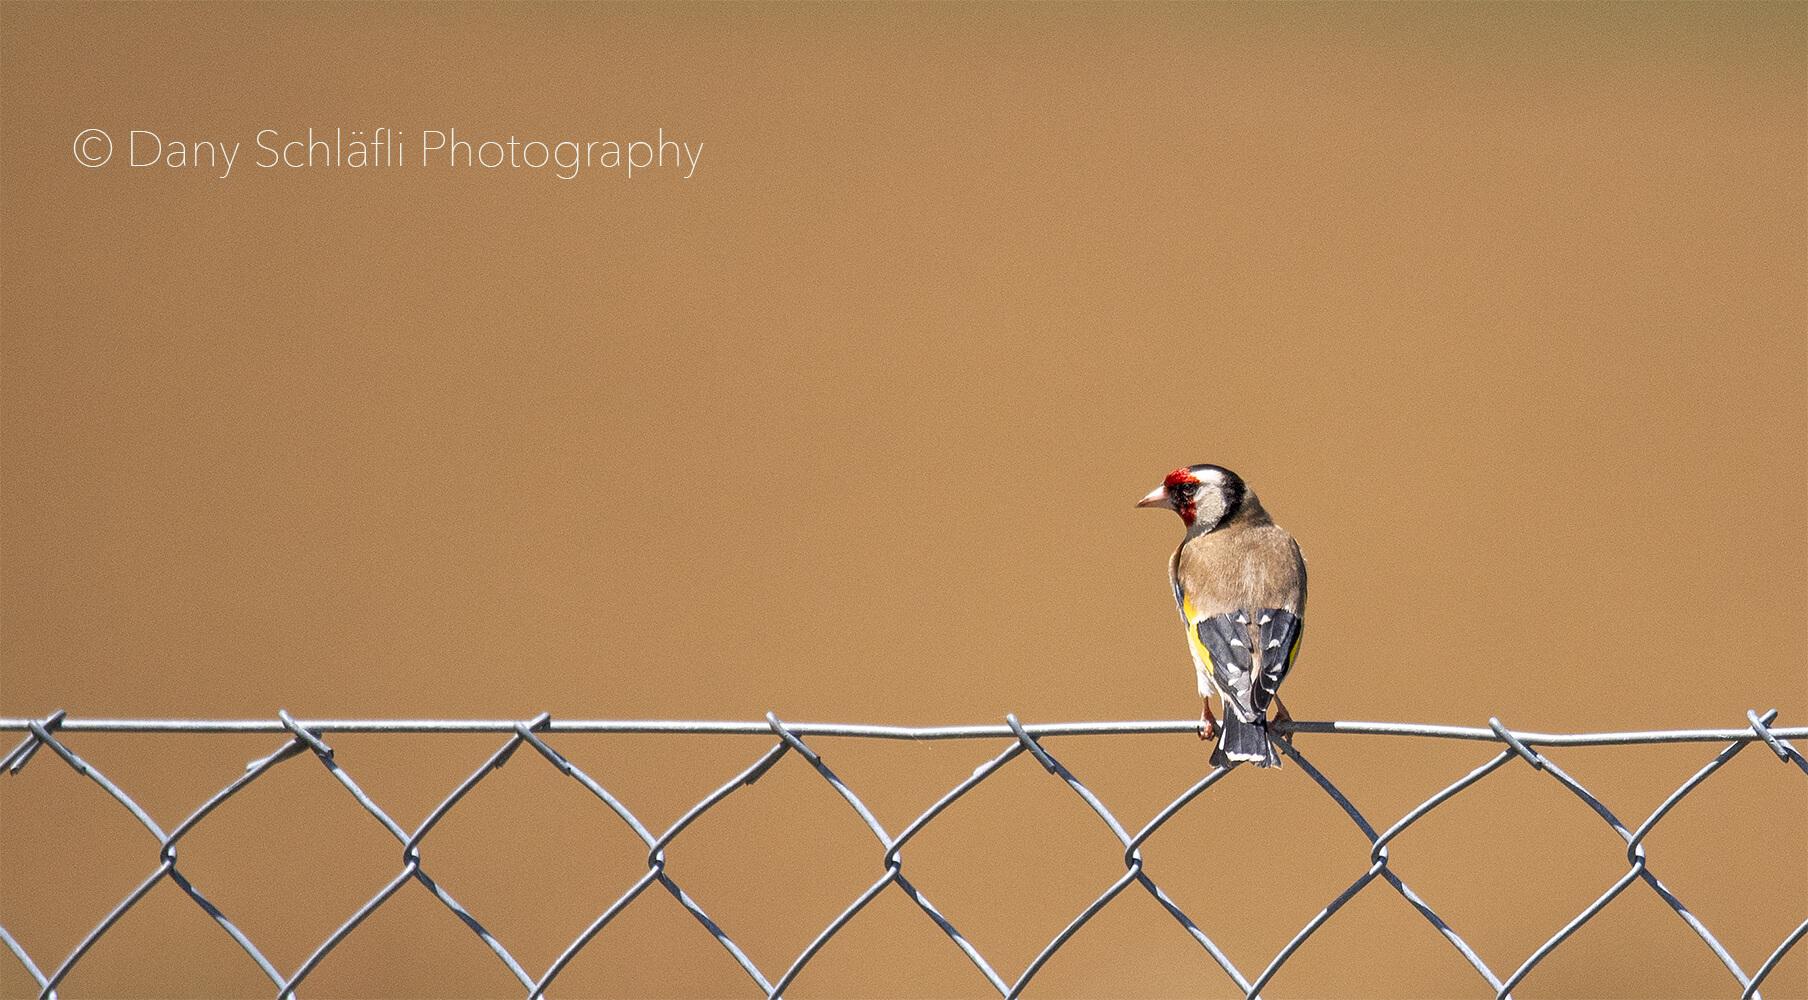 einheimischer Vogel